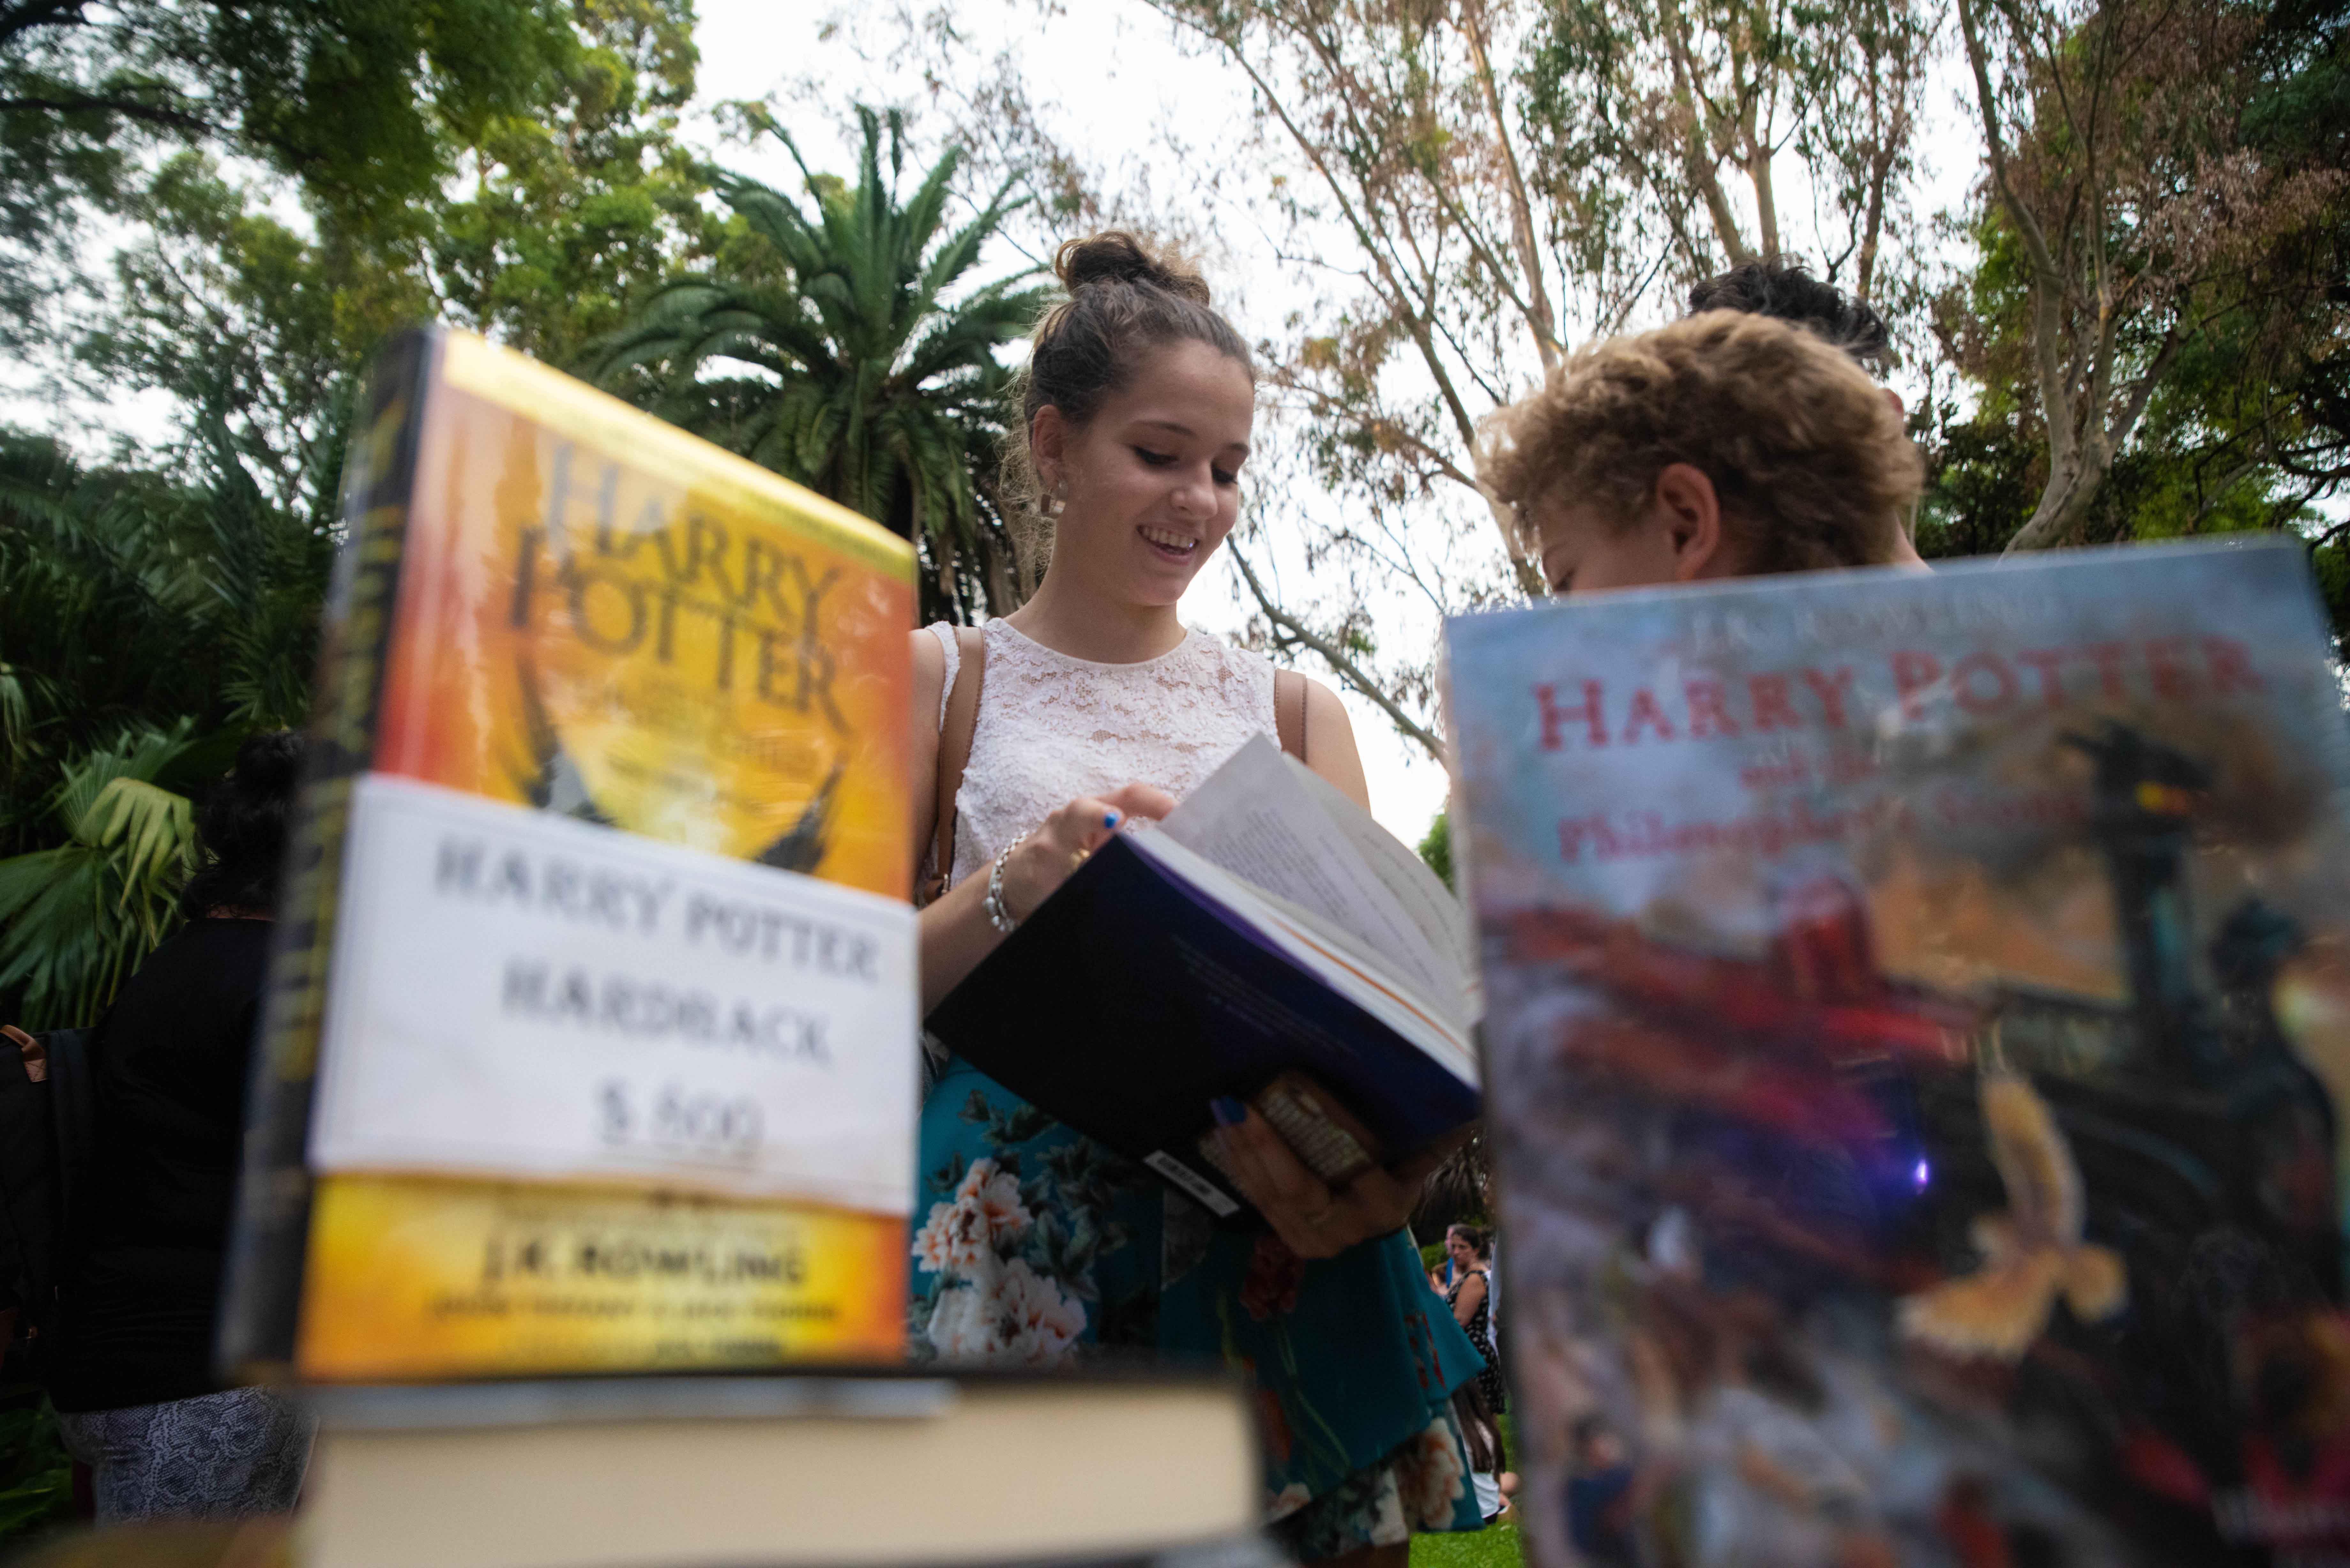 Además, en la jornada podían adquirir los libros con las últimas ediciones de JK Rowling